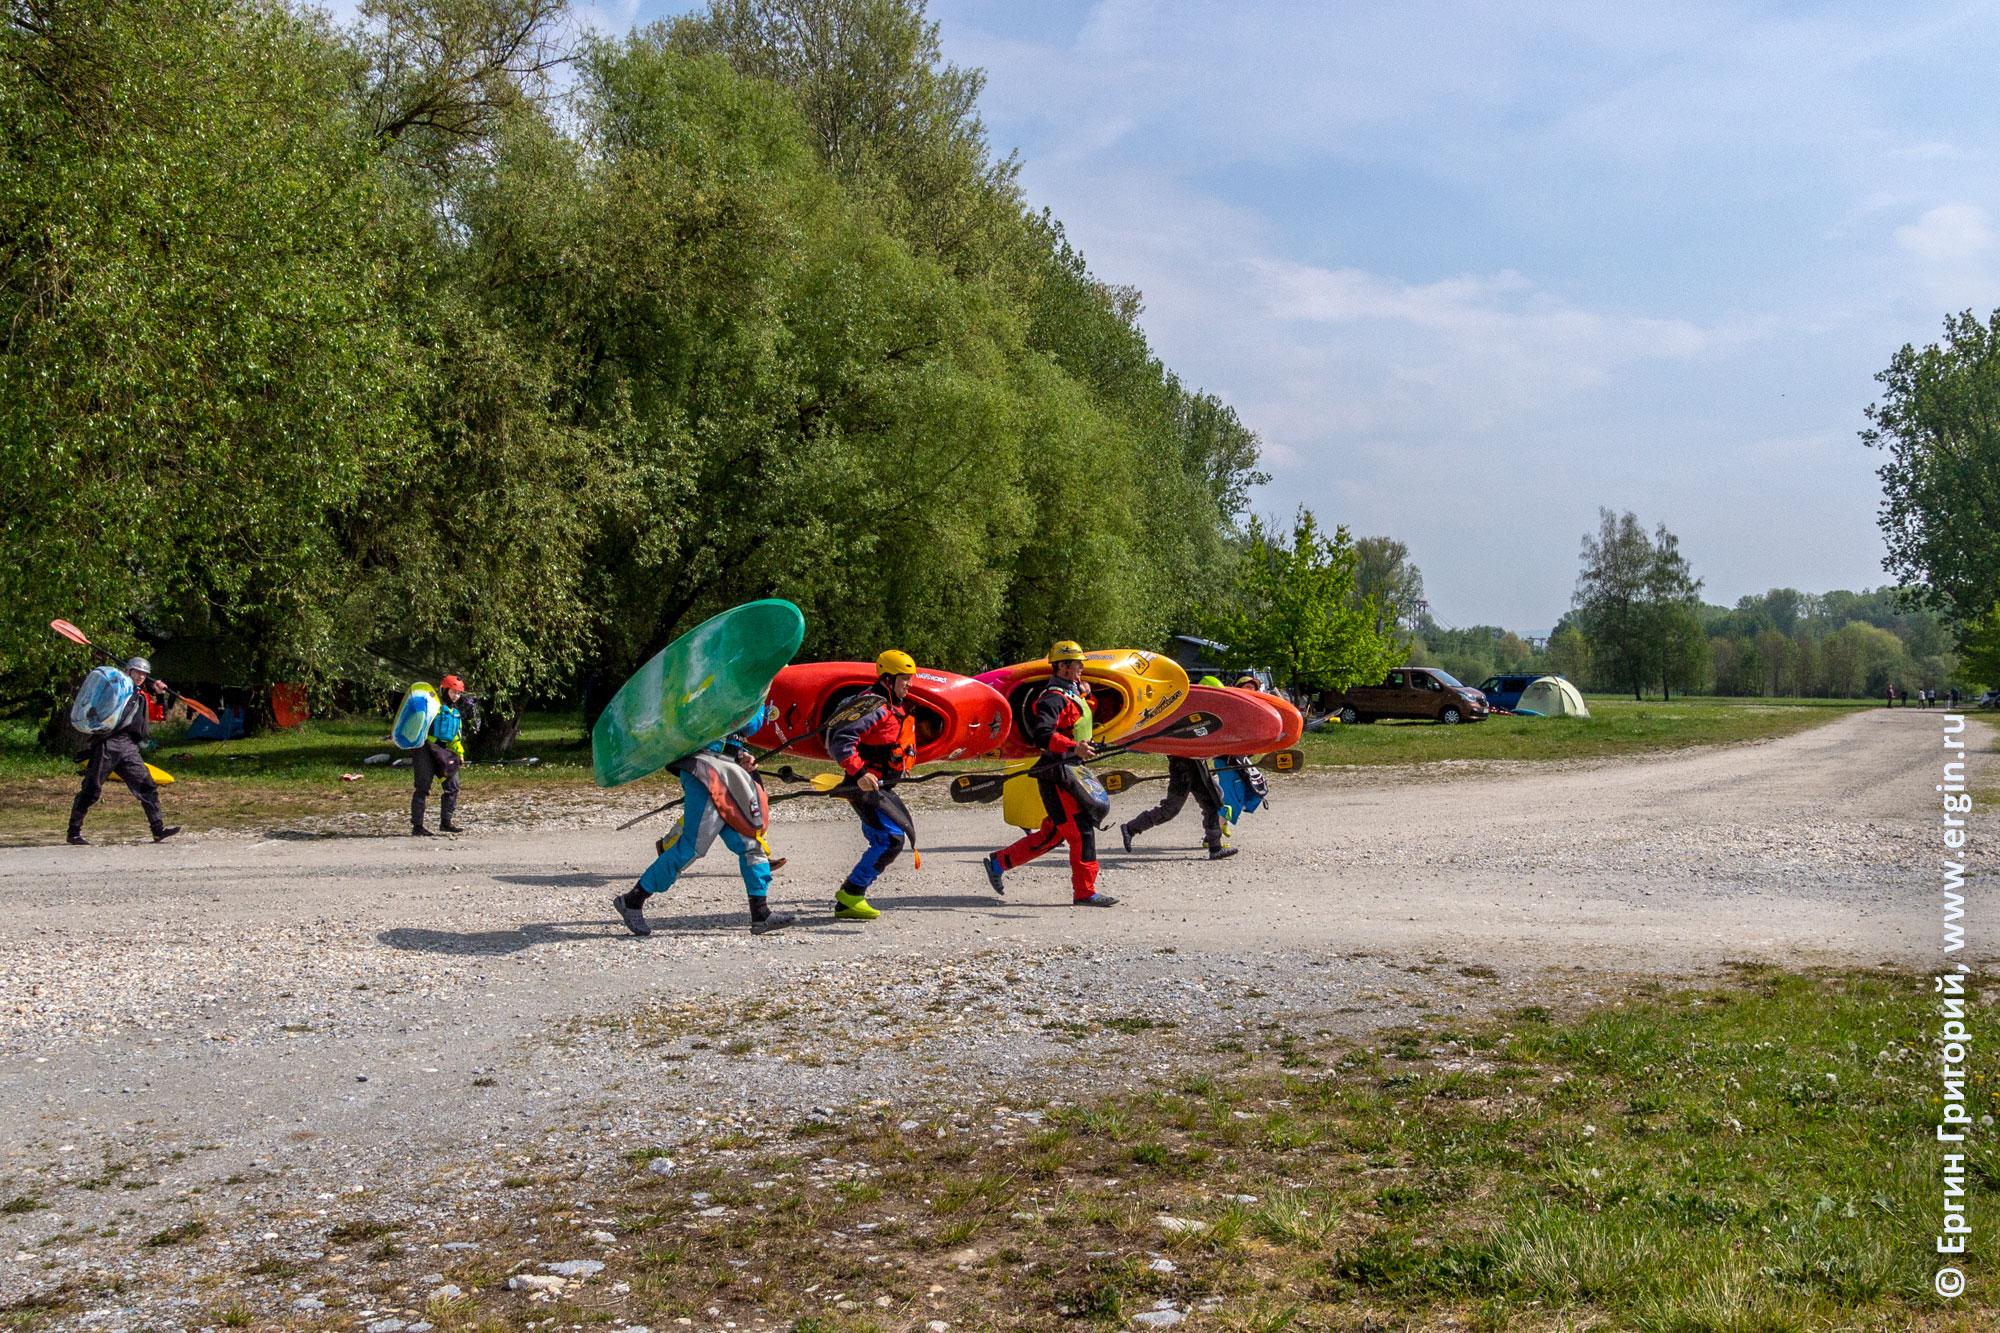 Каякеры с каяками идут на тренировку по фристайлу на бурной воде